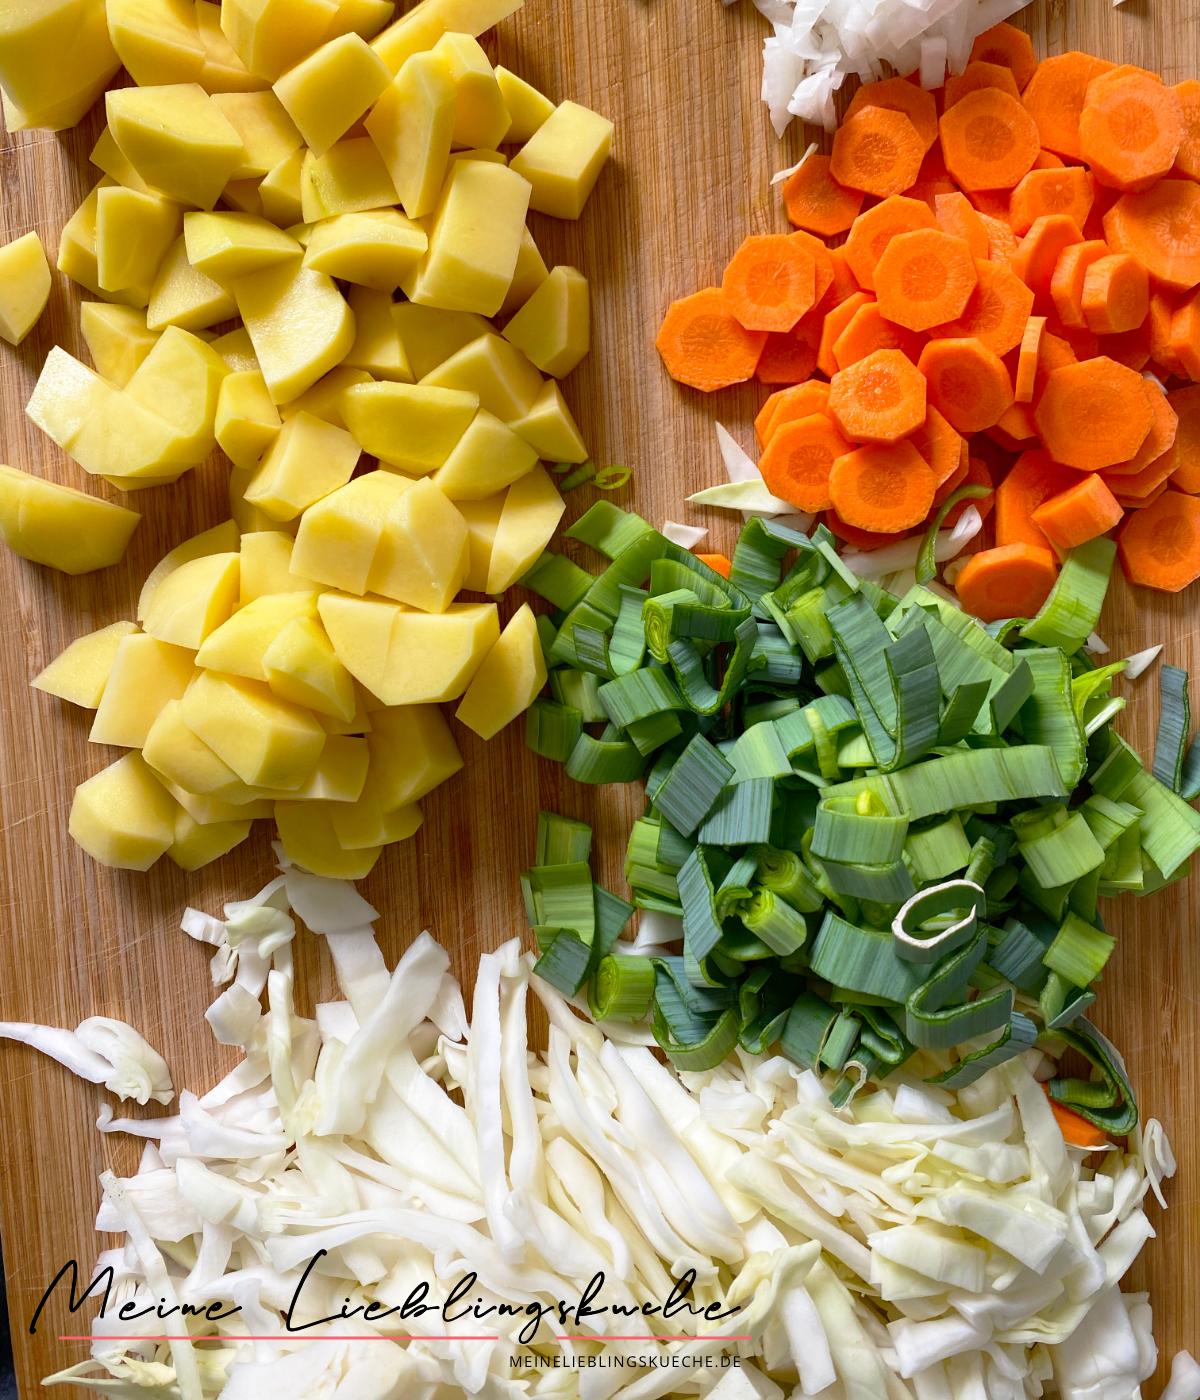 Zutaten für einfache vegane Weißkohlsuppe mit jungen Brechbohnen und Kartoffeln